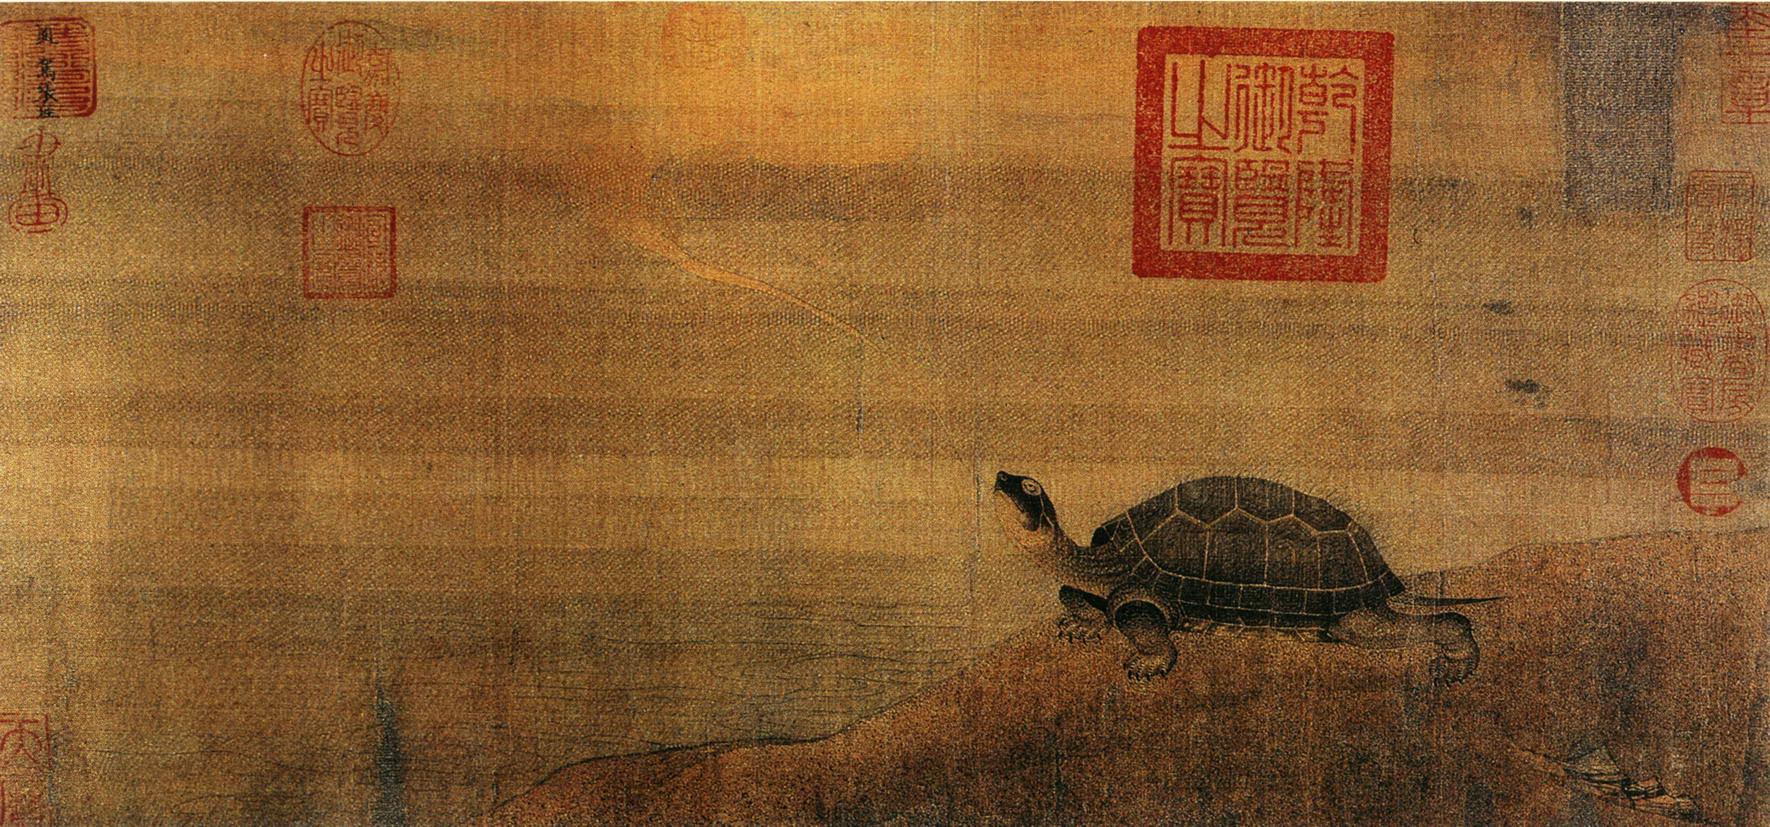 1397106631 zhang gui shen gui tu  berkeley beacon master s conflicted copy 2014 04 09 .jpg